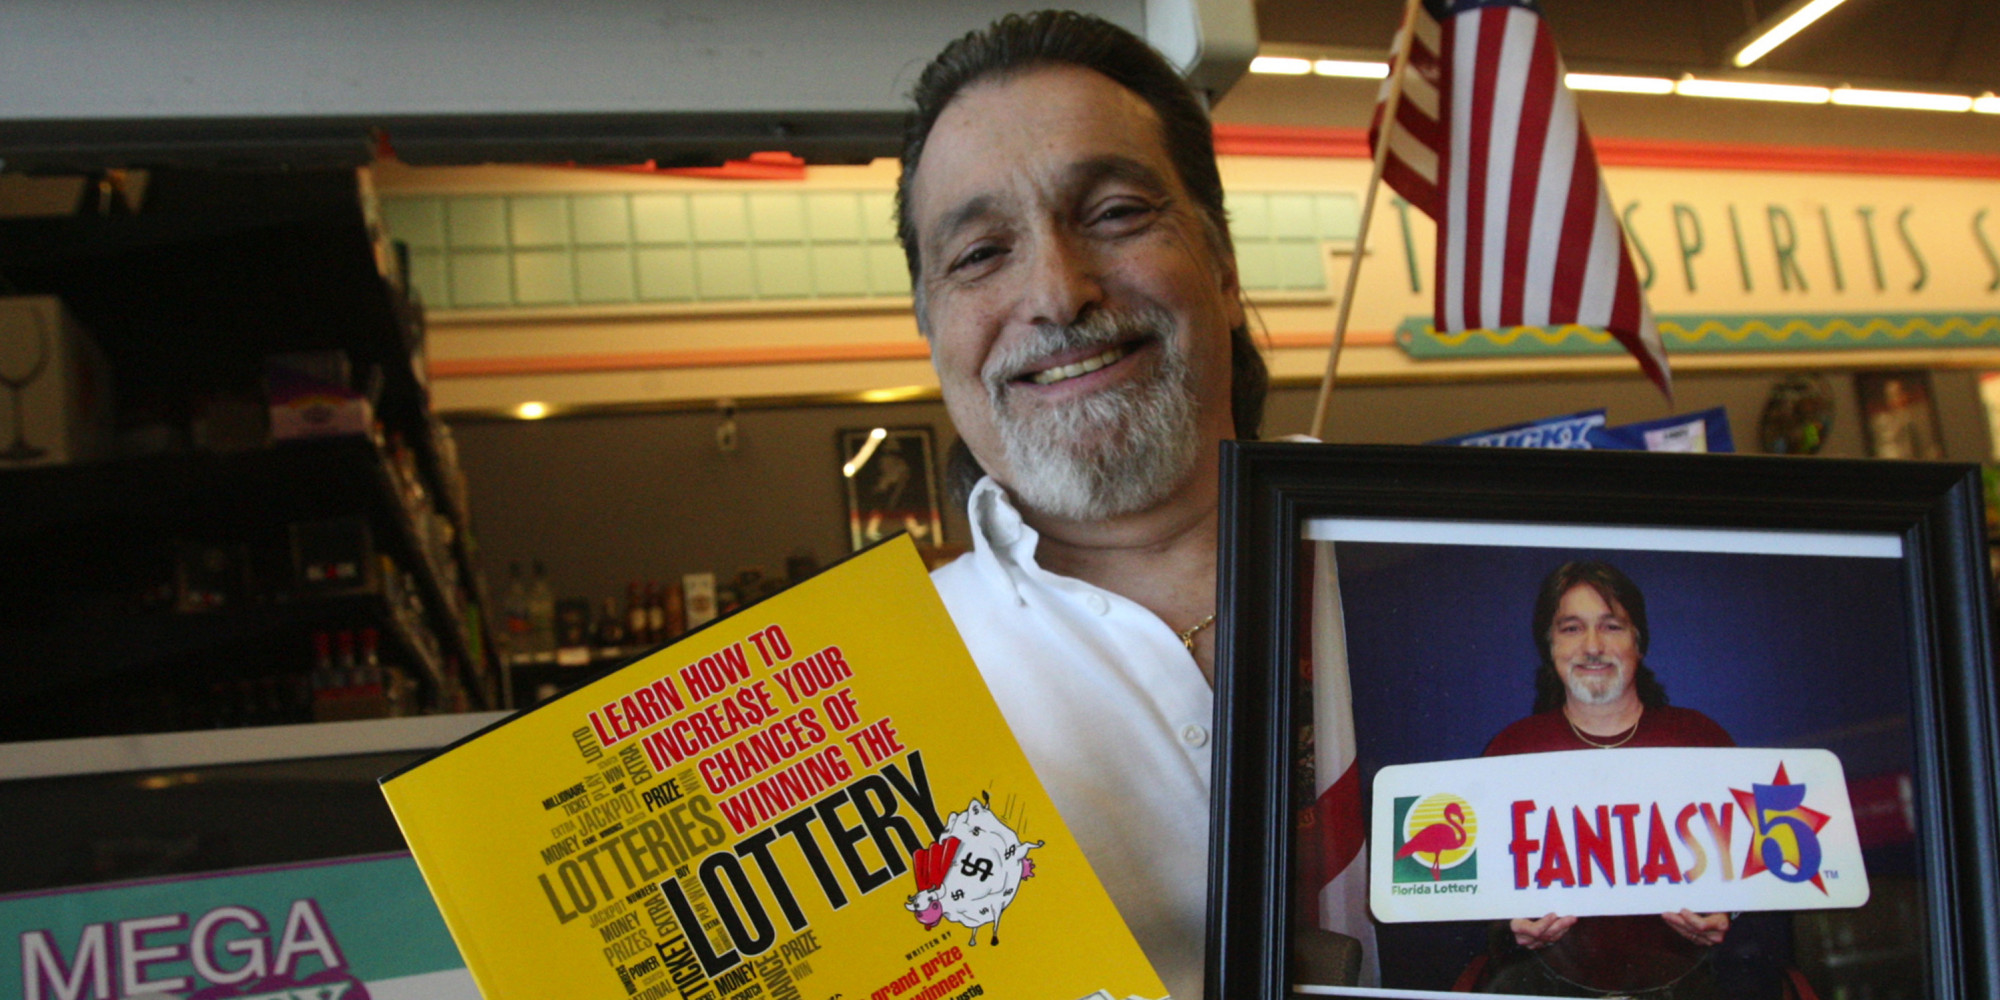 Lotto Lustig